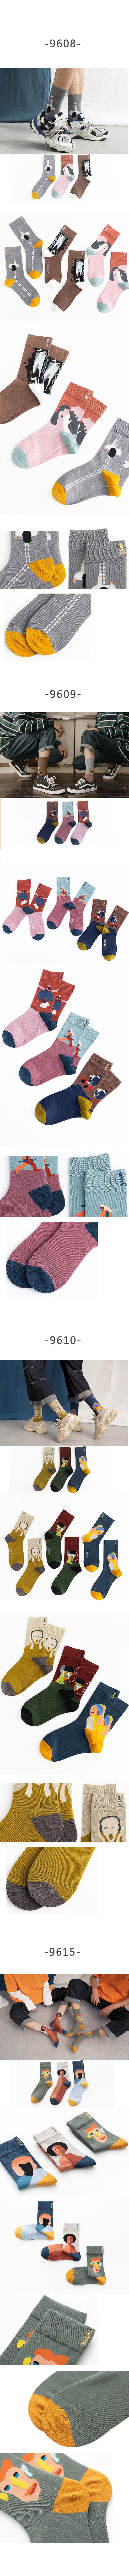 [現貨] 襪子 3雙入 中性 交換禮物 精梳棉 中筒襪秋冬 韓風潮流ulzzang運動襪 M9600 OT SHOP